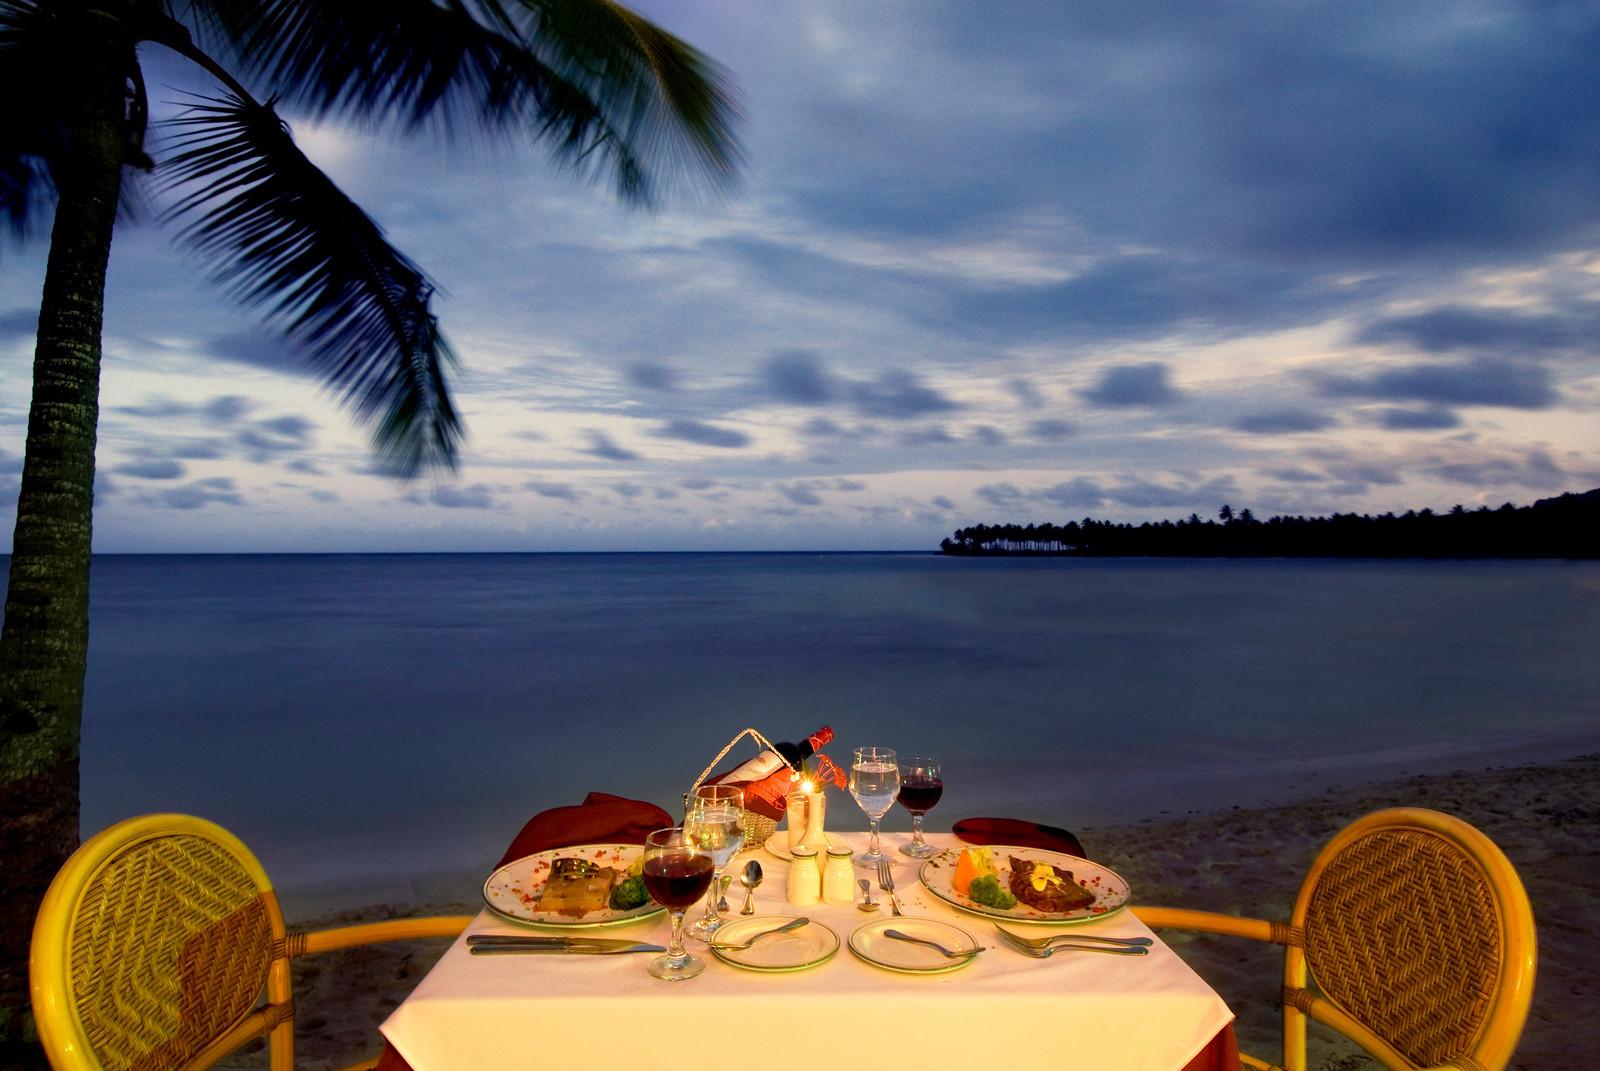 romantic-dinner-setting.jpg